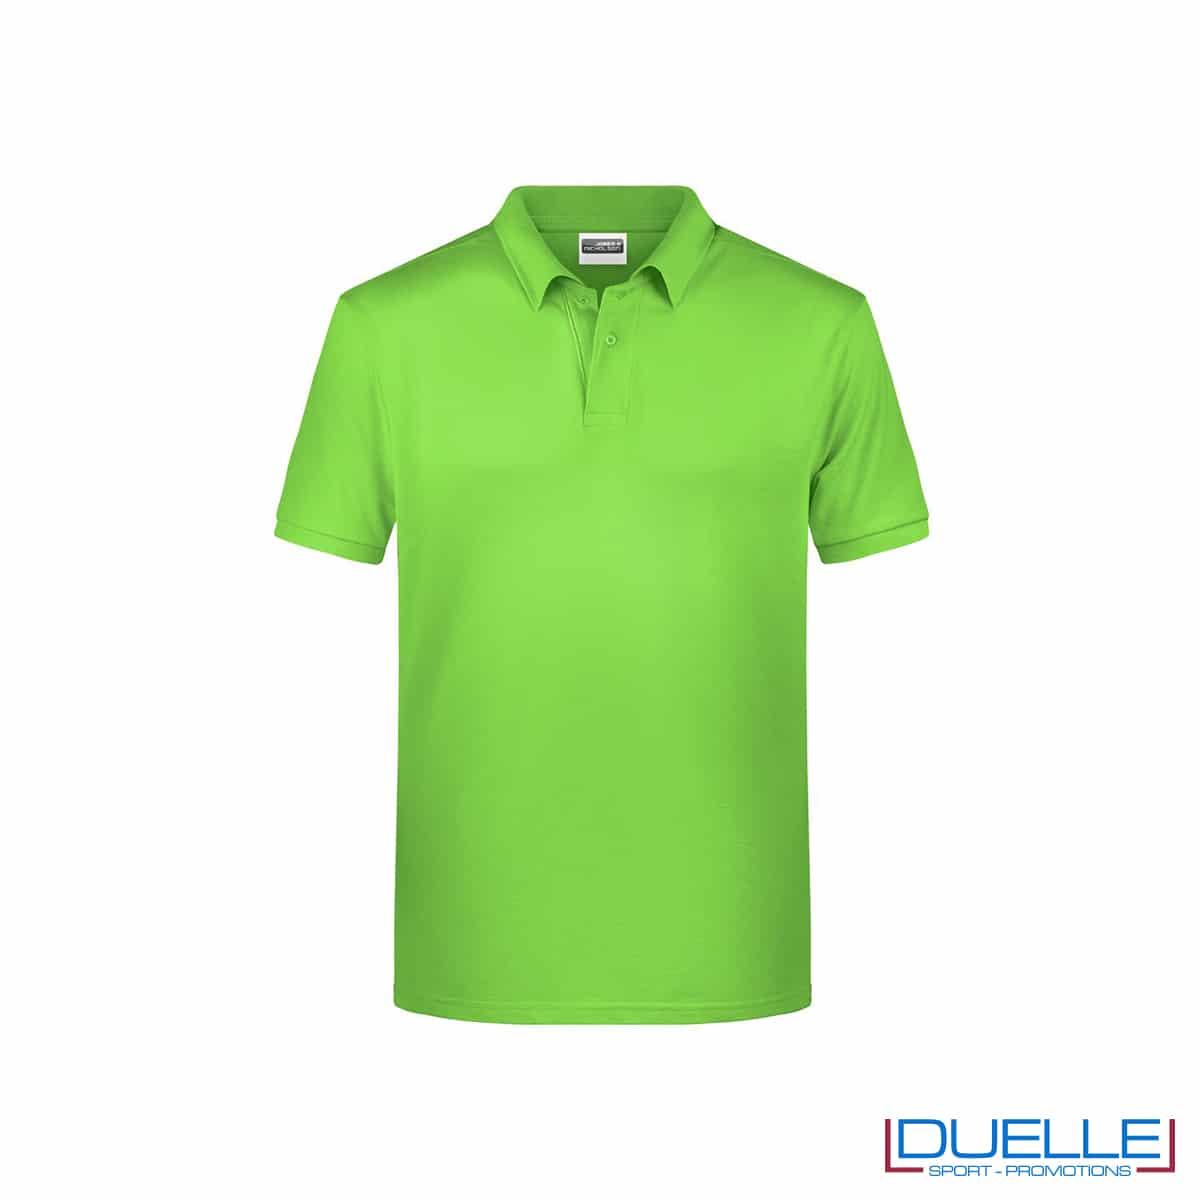 Polo ecologica 100% cotone organico colore verde lime